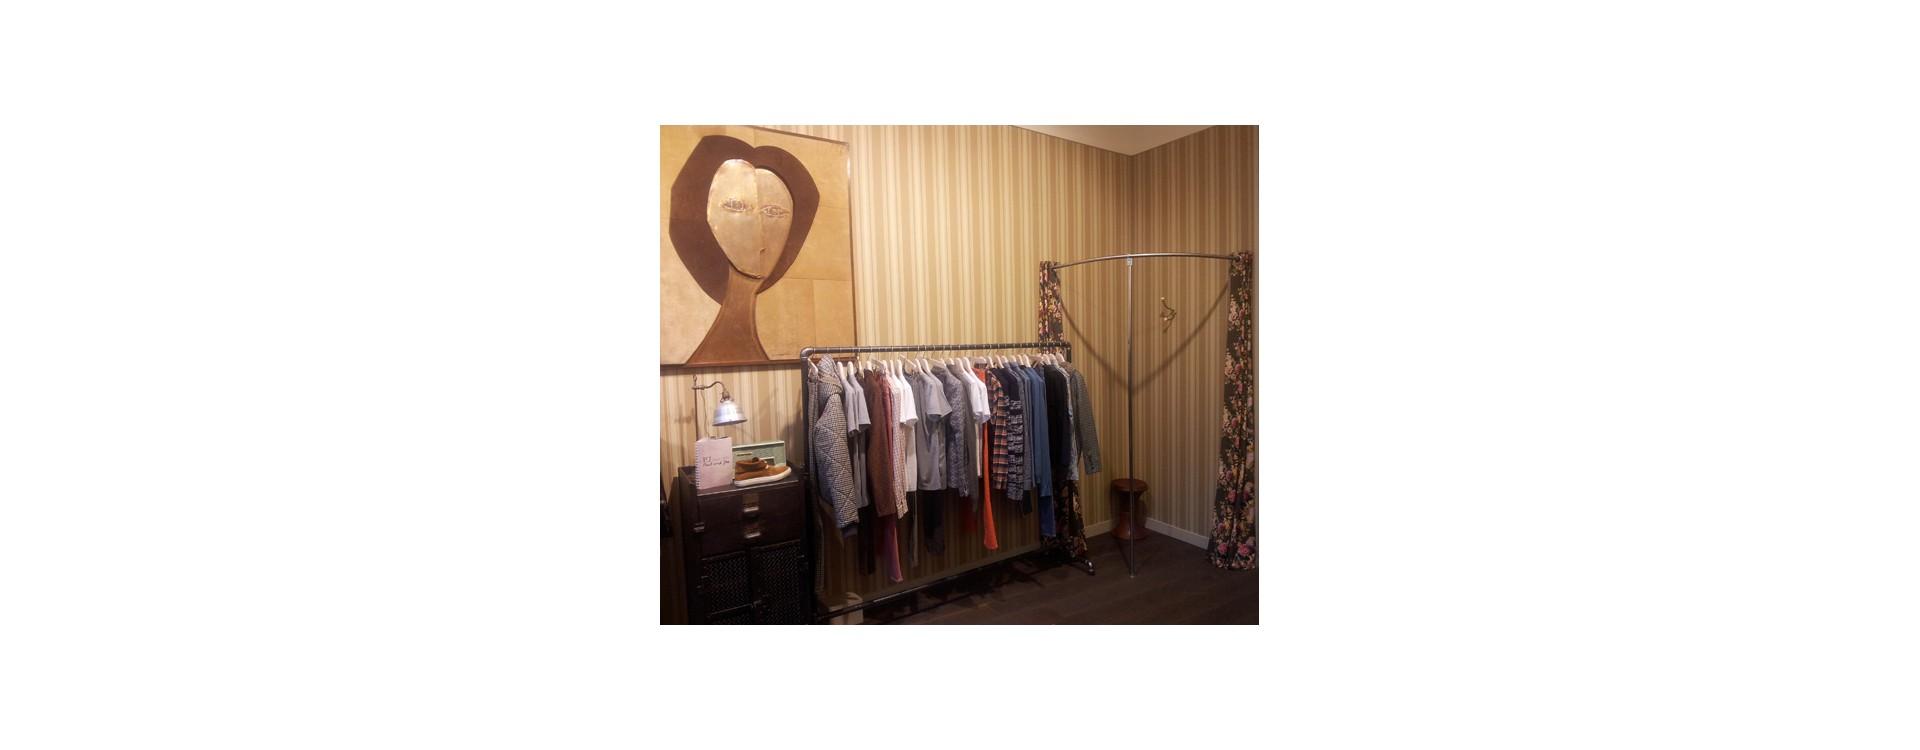 salle d essayage Elle change de vêtements et met directement un habit du magasin pour le sucer dans la cabine d'essayage avant de se laisser baiser devant le miroir.